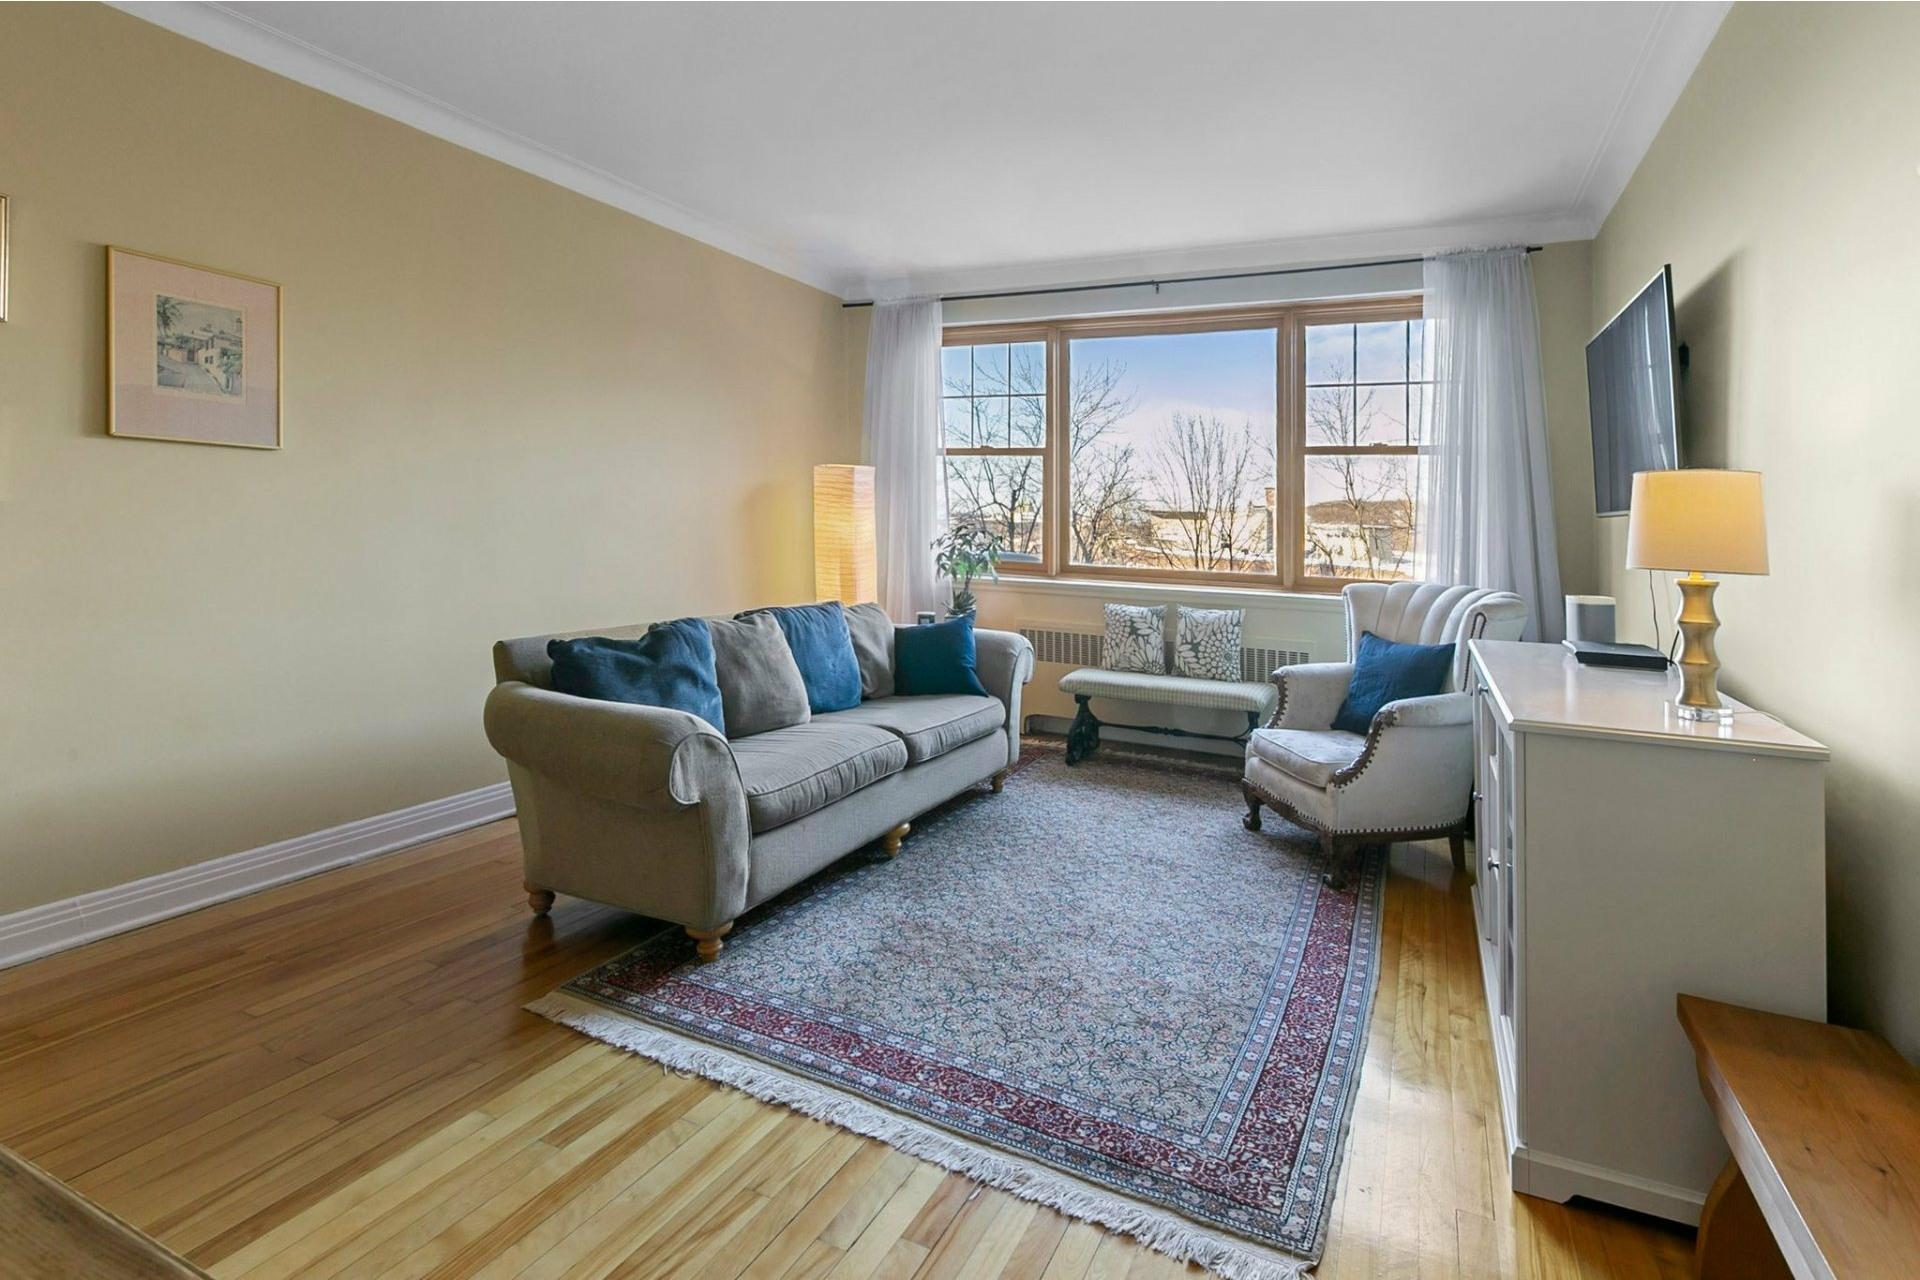 image 3 - Appartement À vendre Côte-des-Neiges/Notre-Dame-de-Grâce Montréal  - 7 pièces